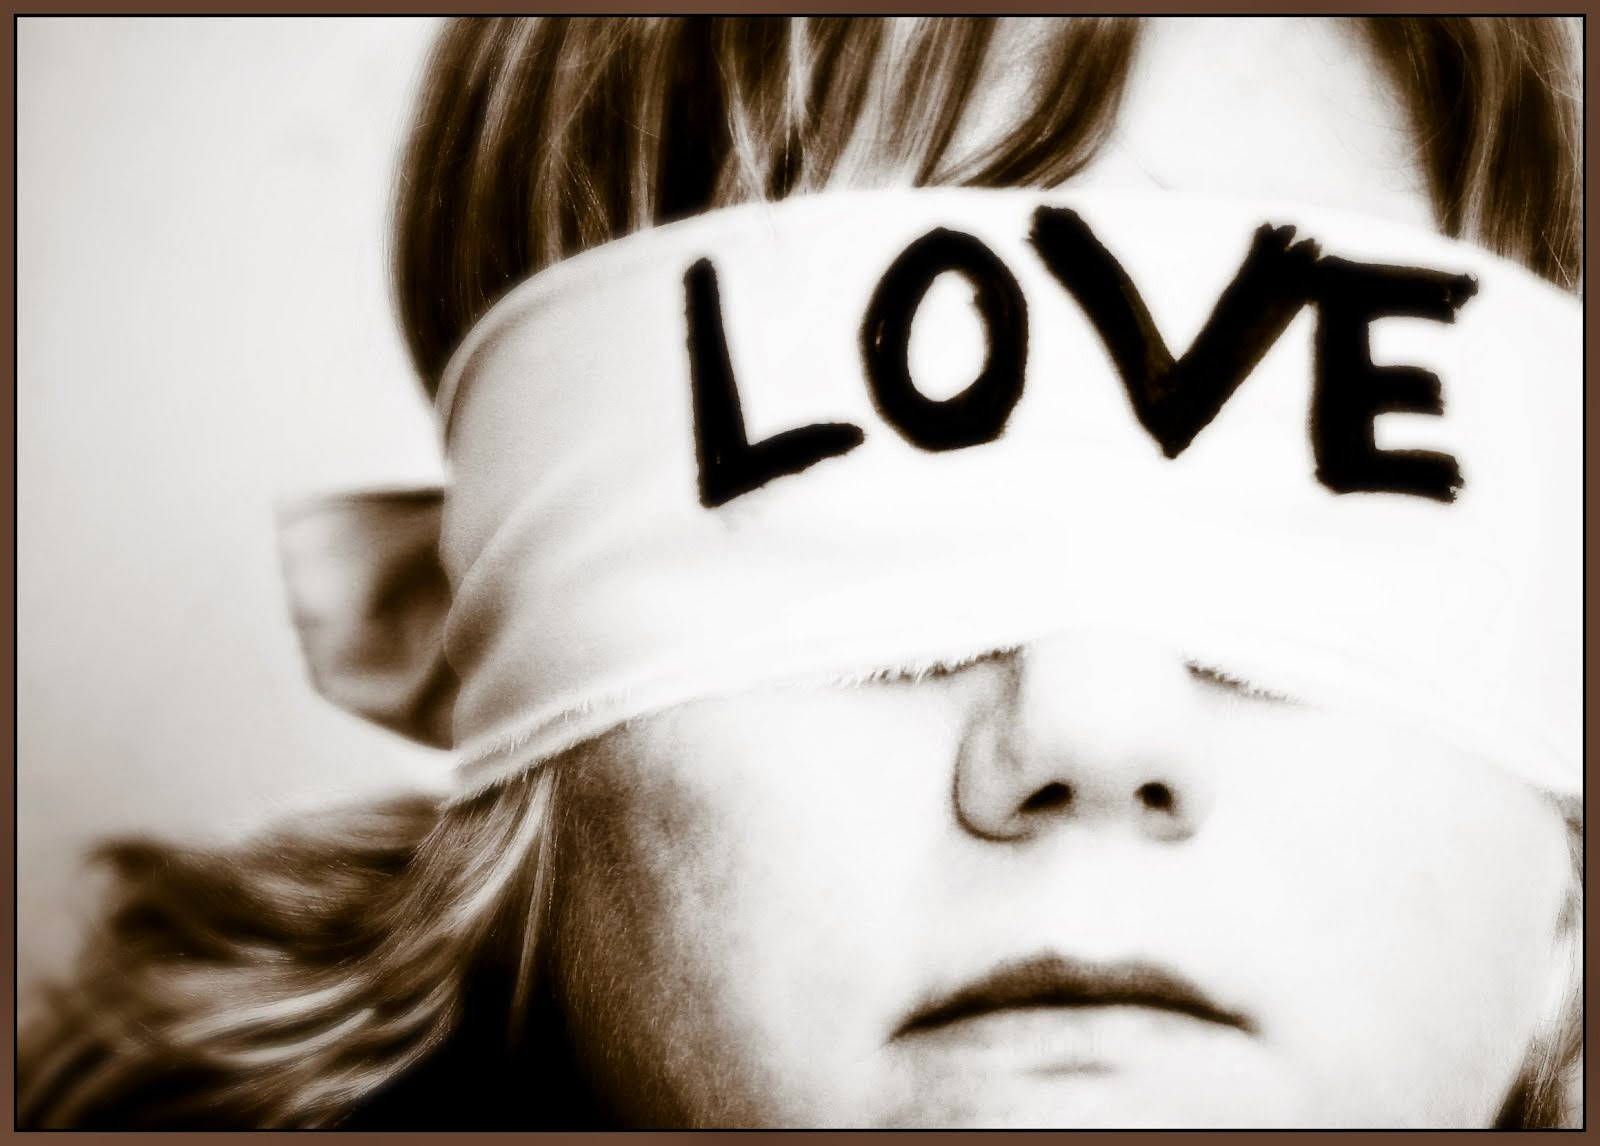 εκτός από τη δικαιοσύνη τυφλωνόταν και η αγάπη